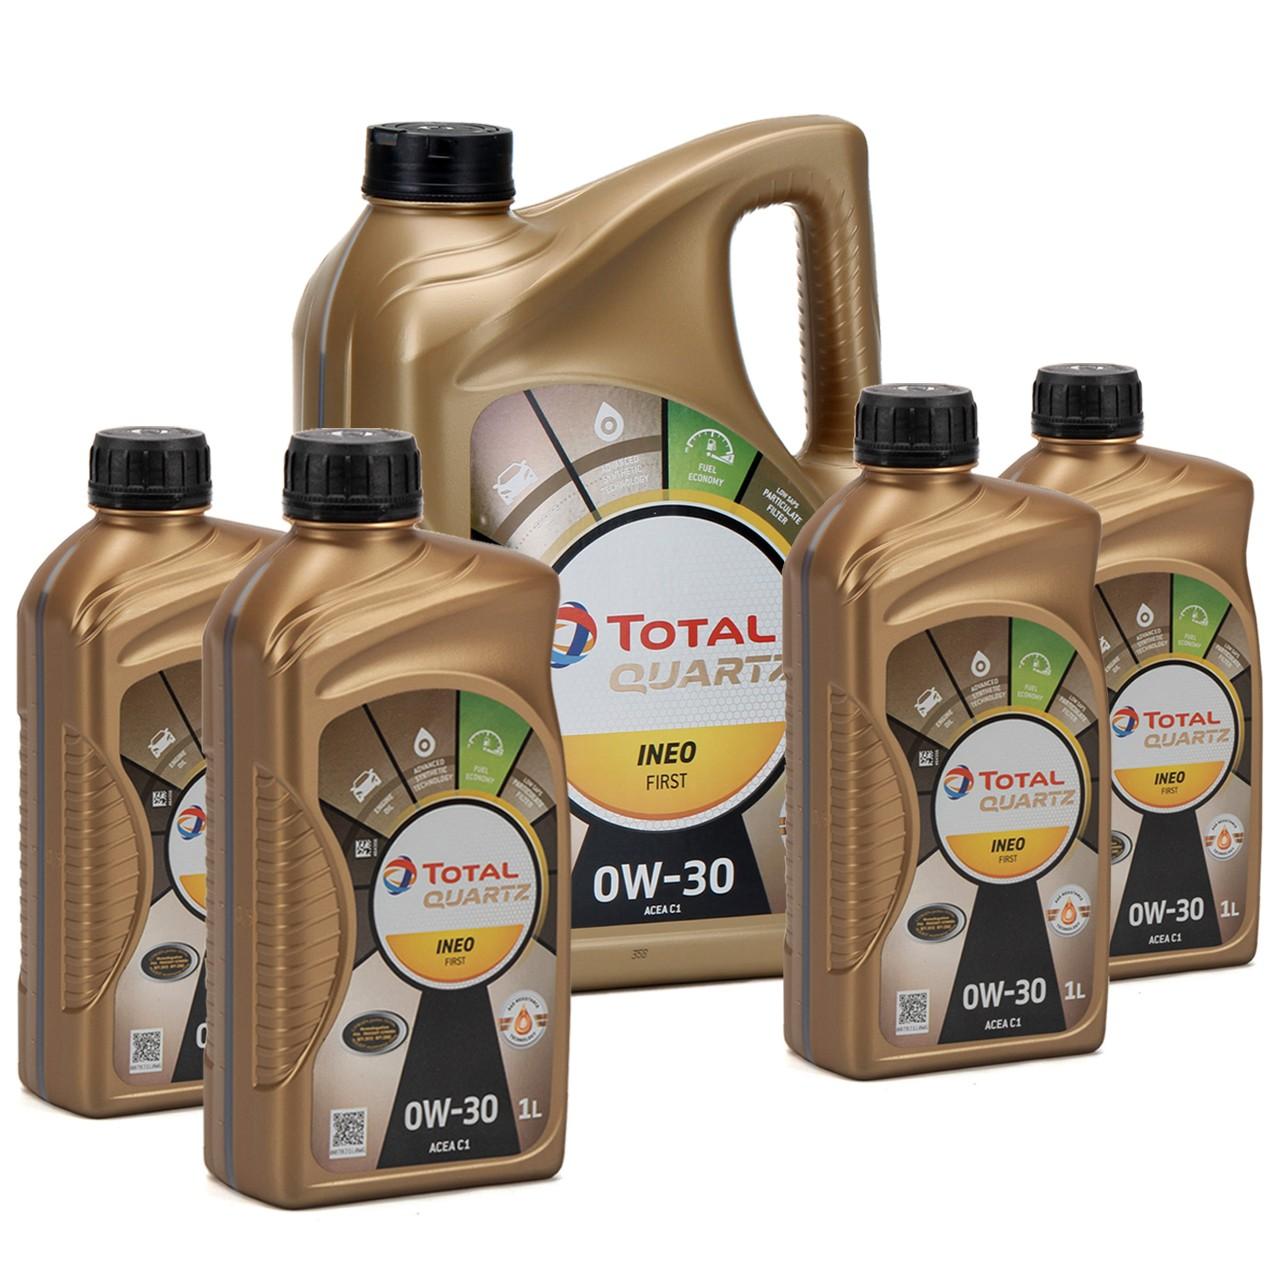 TOTAL QUARTZ INEO FIRST Motoröl Öl 0W-30 ACEA C1 C2 PSA B71 2312 - 9L 9 Liter